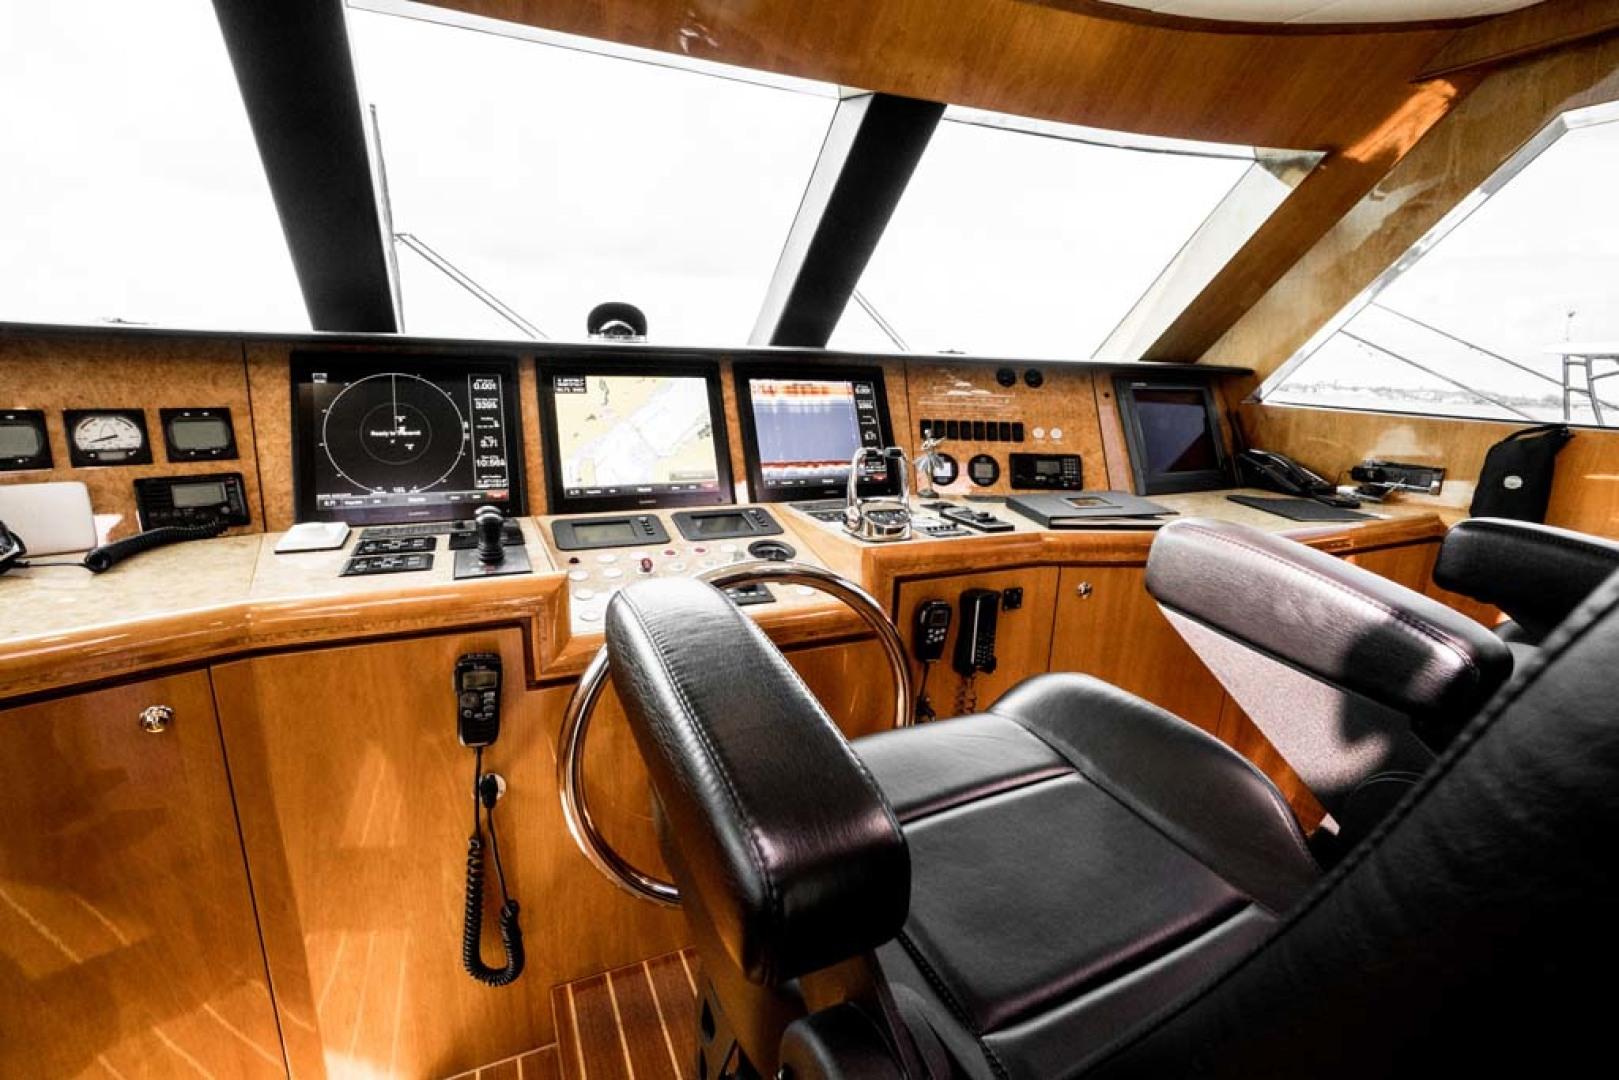 Horizon-Cockpit-Motor-Yacht-2008-Liberation-Stuart-Florida-United-States-Pilothouse-Helm-1075337